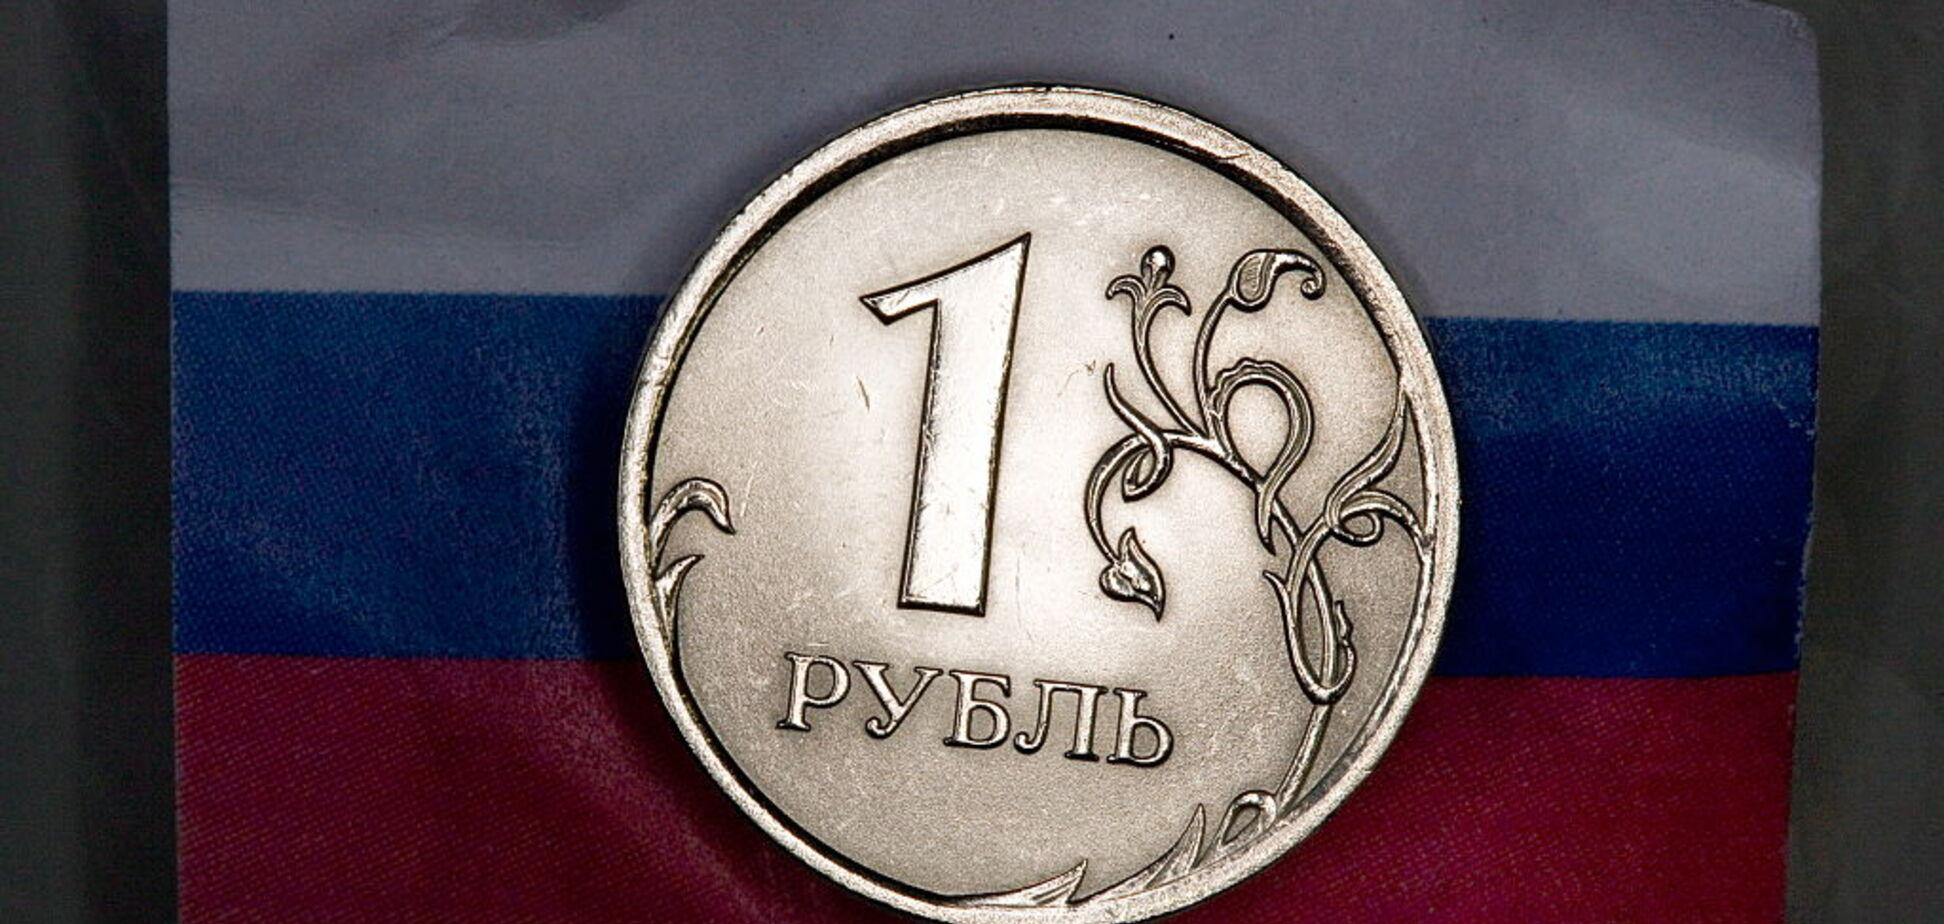 'Ударить ощутимо': Украине подсказали, как наказать Россию санкциями